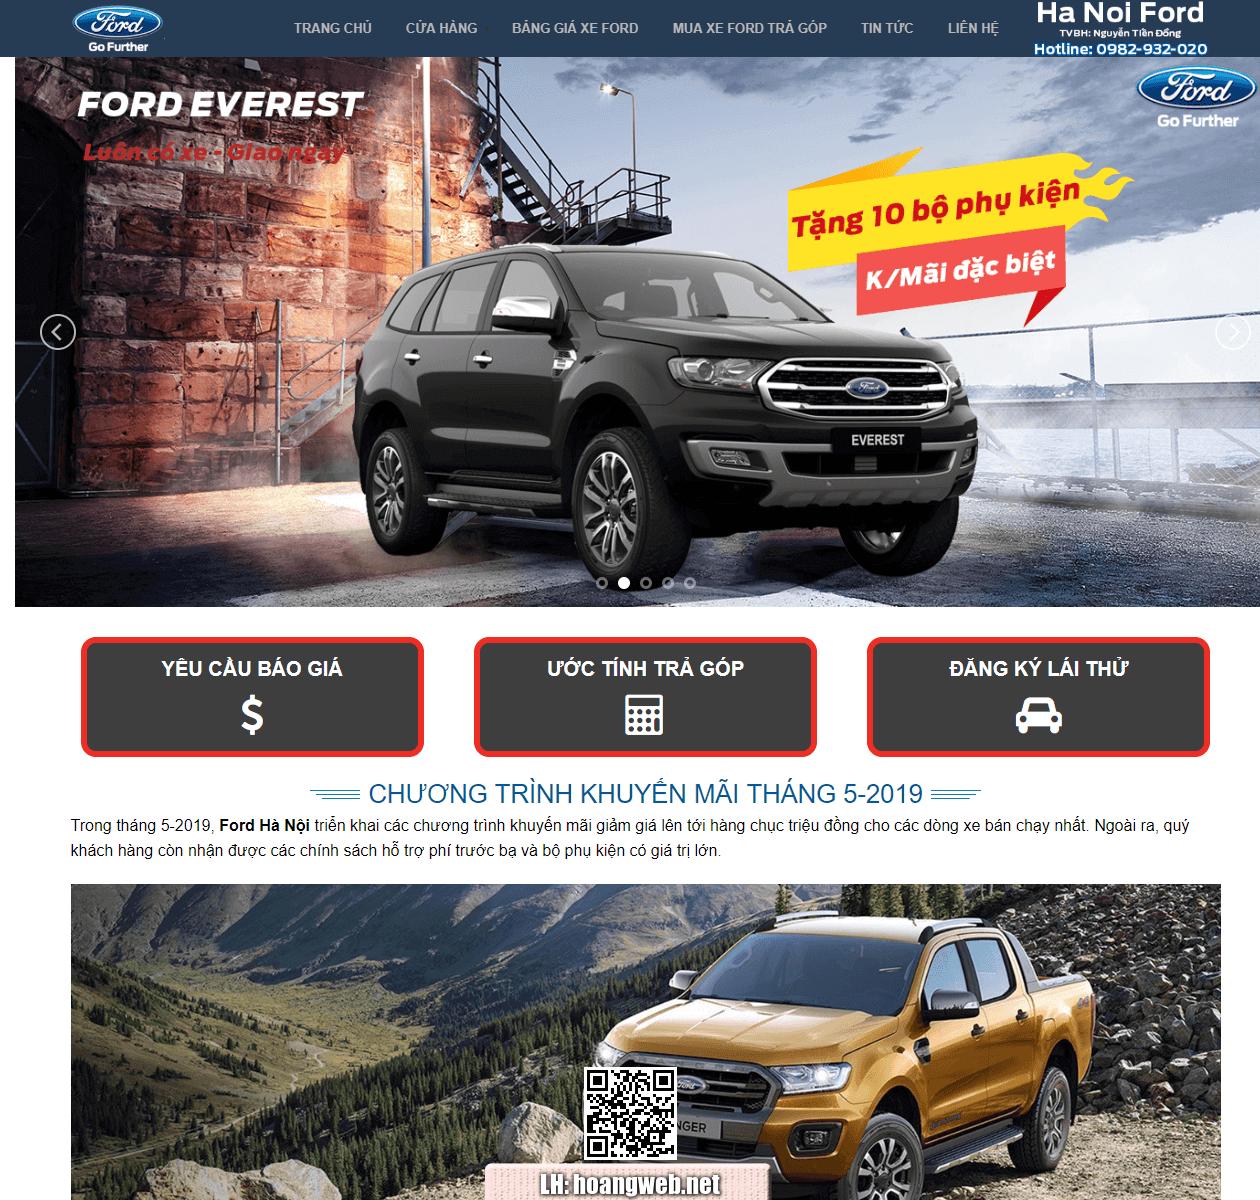 Web bán ôtô ford thumbnail